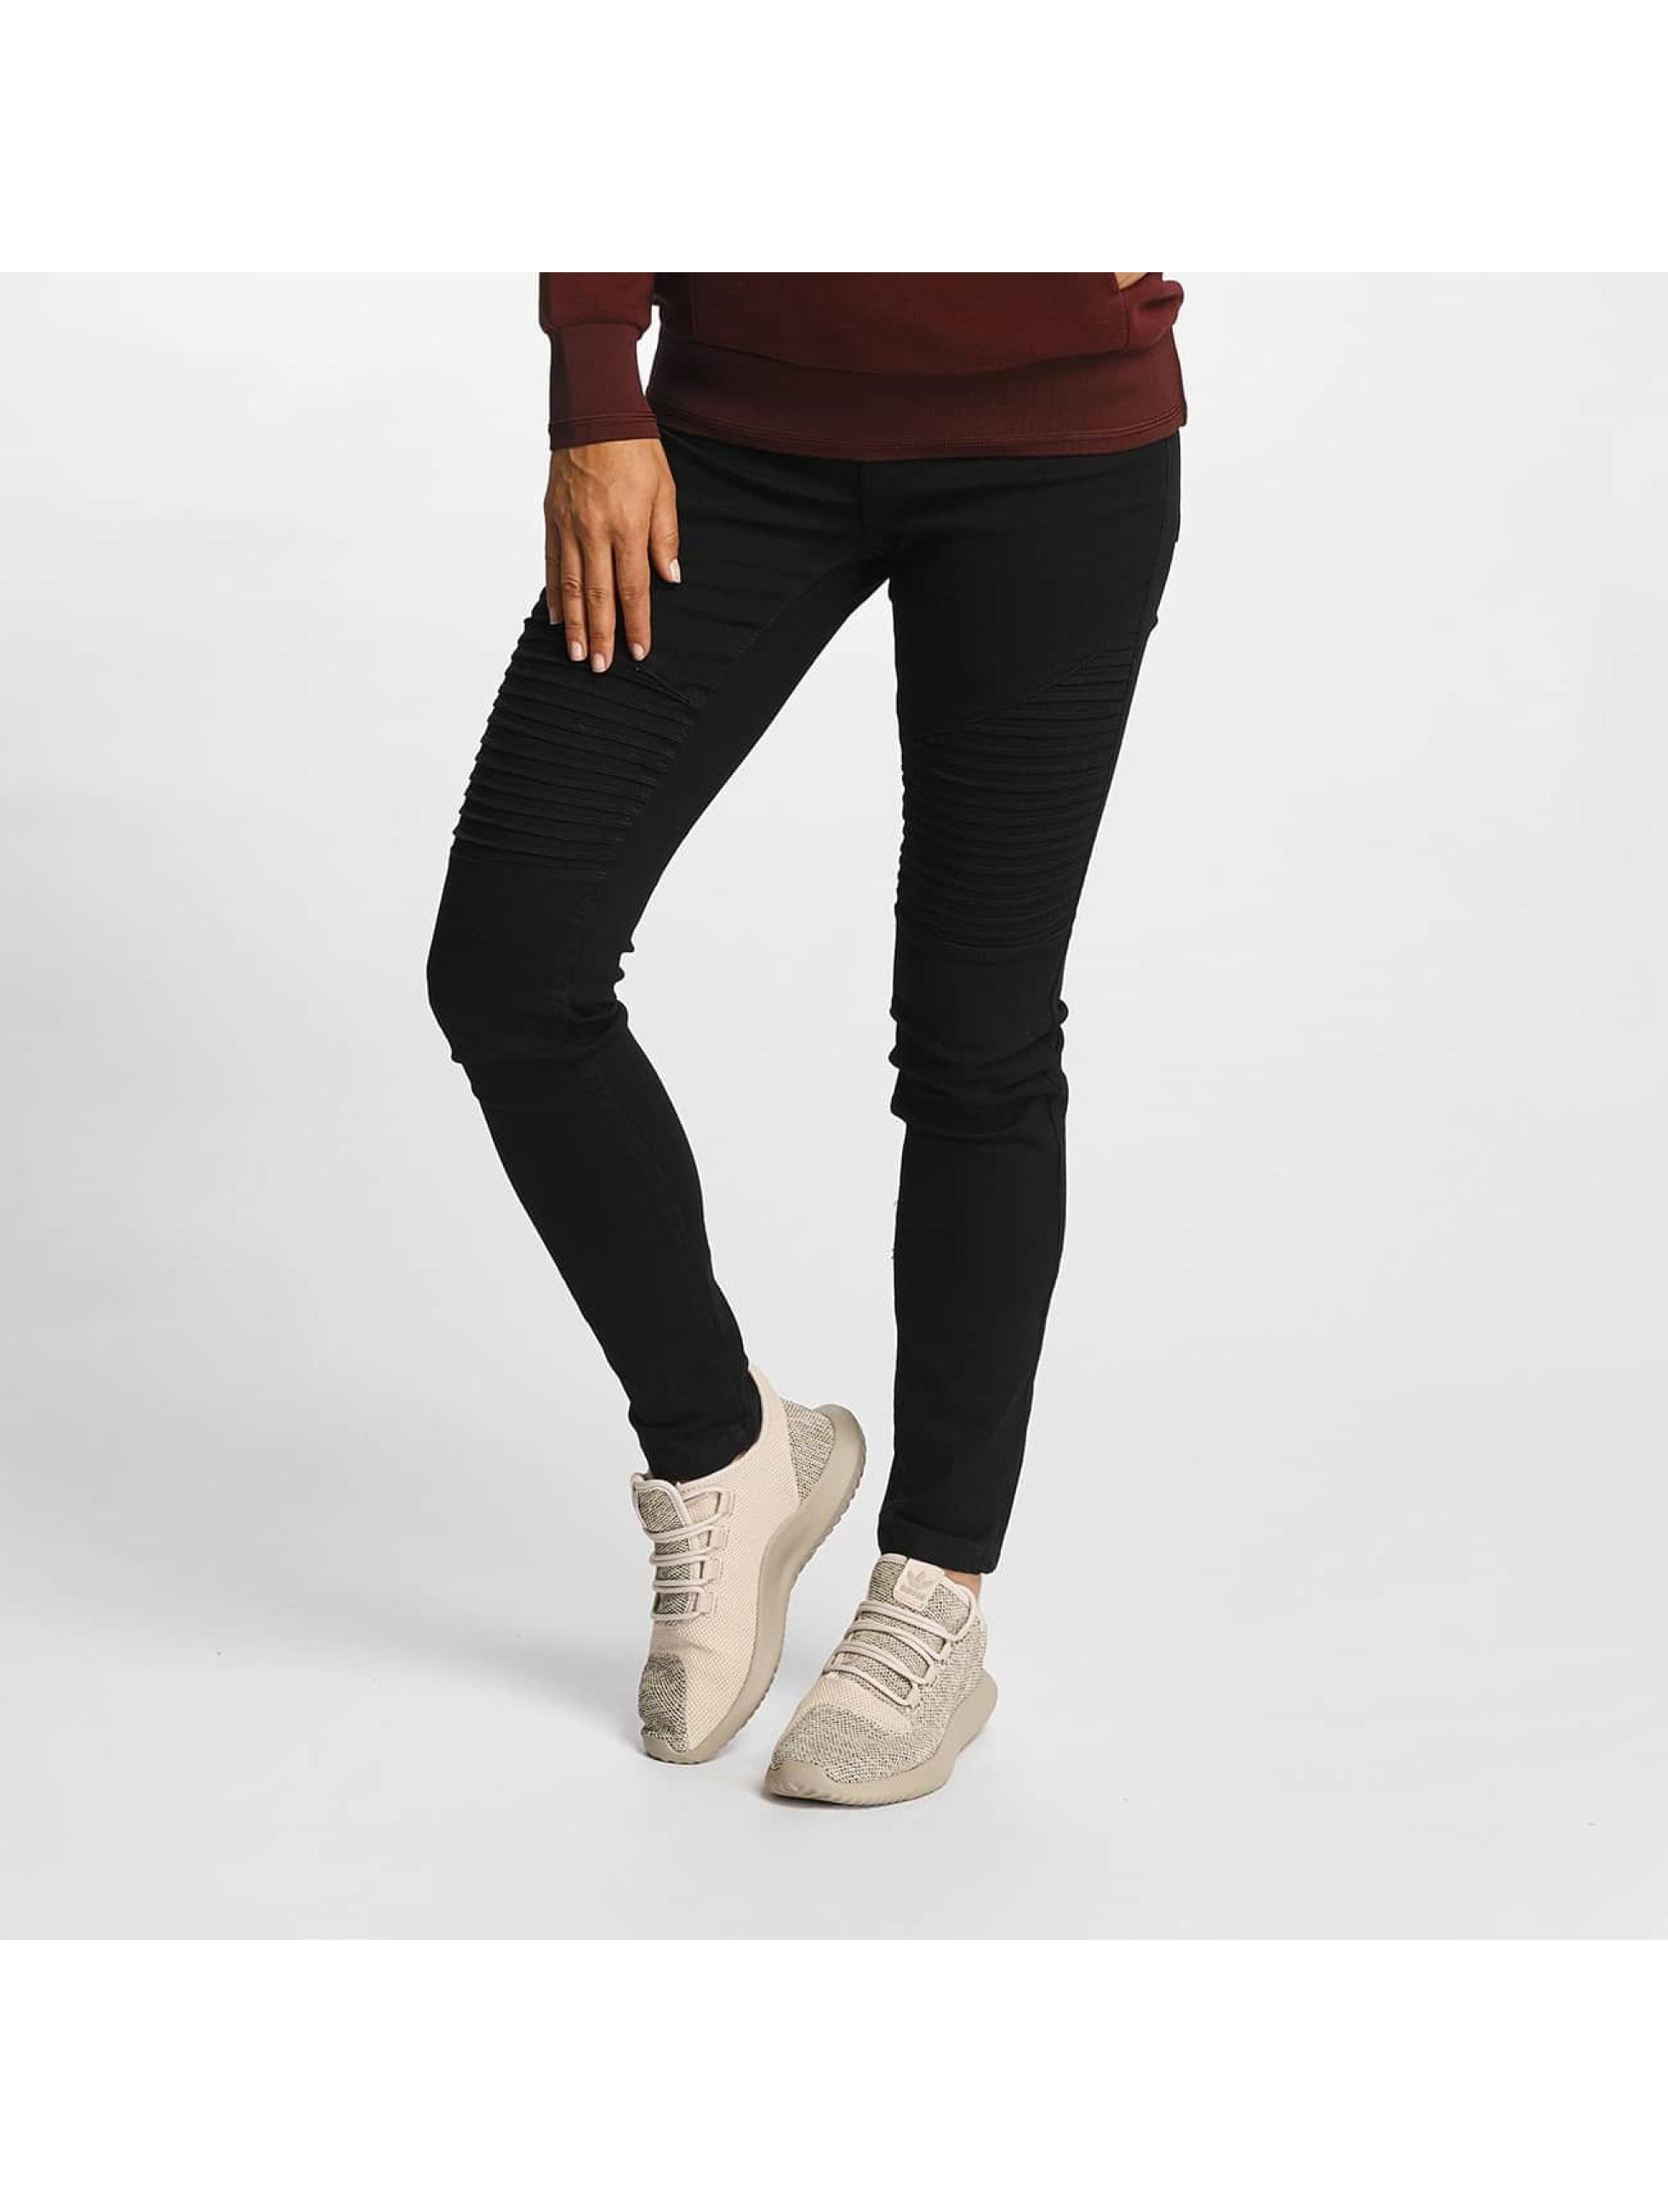 Vero Moda Frauen Skinny Jeans vmSeven Biker in schwarz